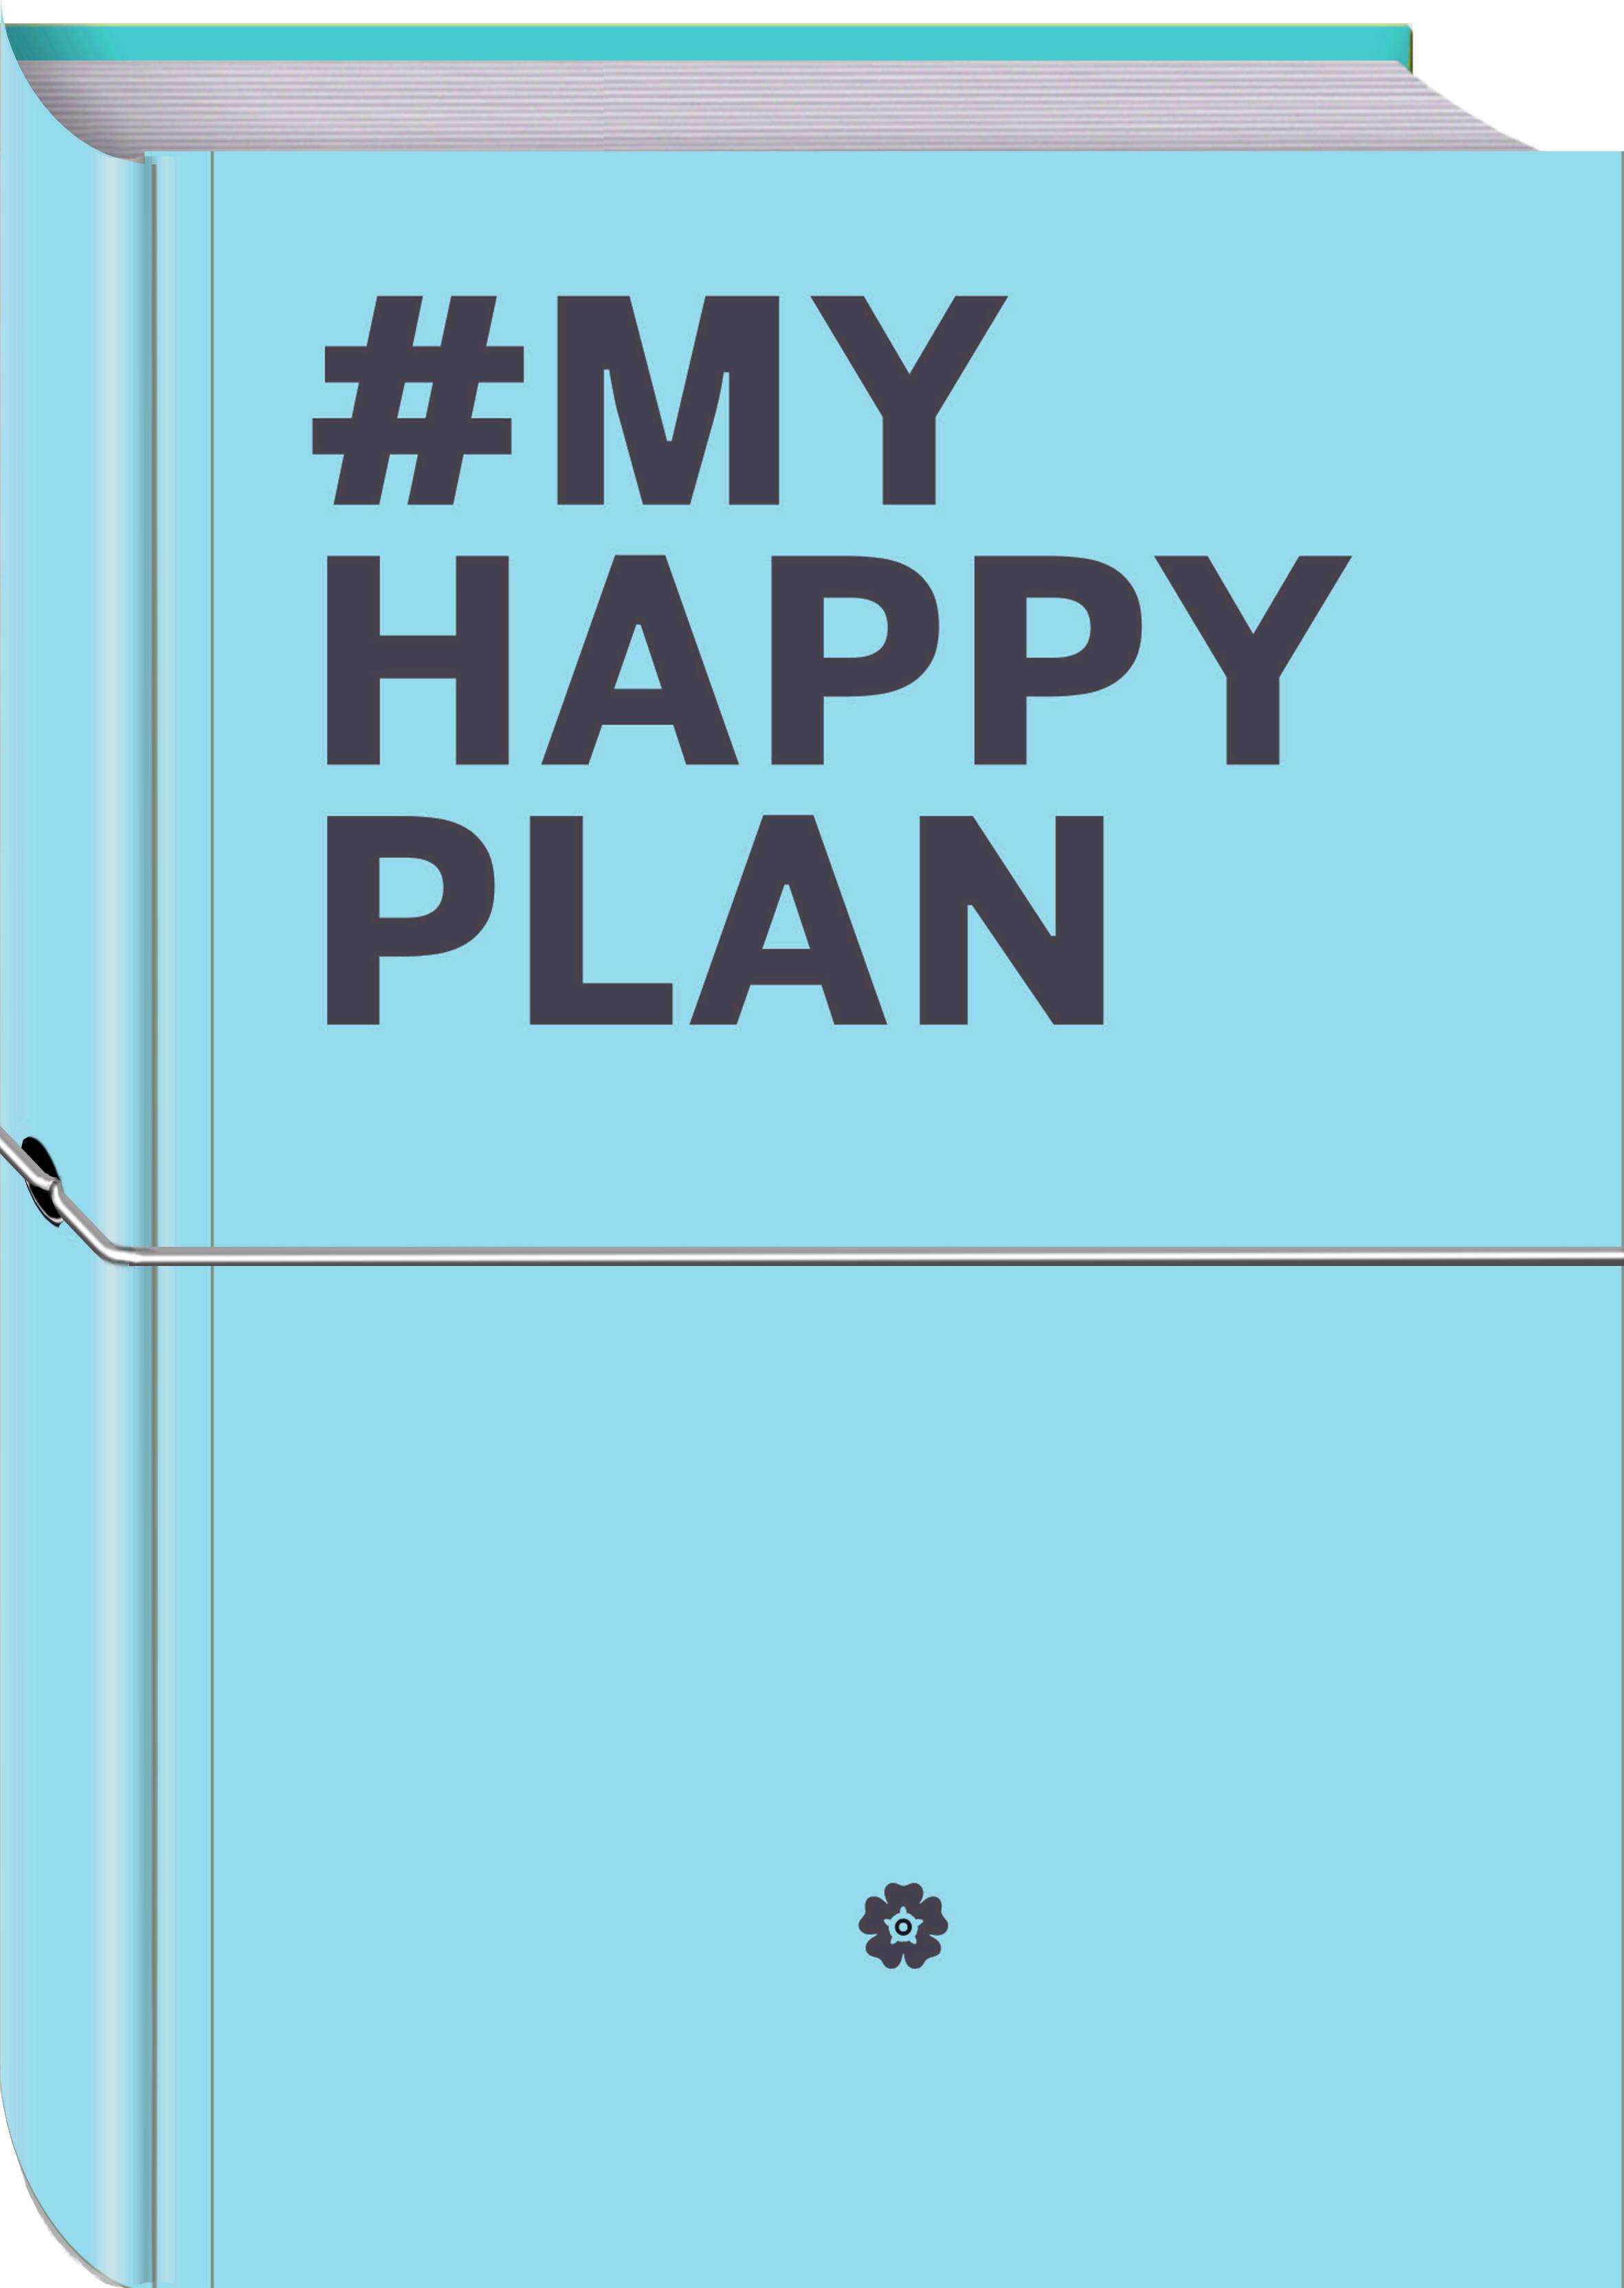 My Happy Plan (Морской) (большой формат 165х240, лента ляссе, серебряная резинка) планер my happy plan мятный